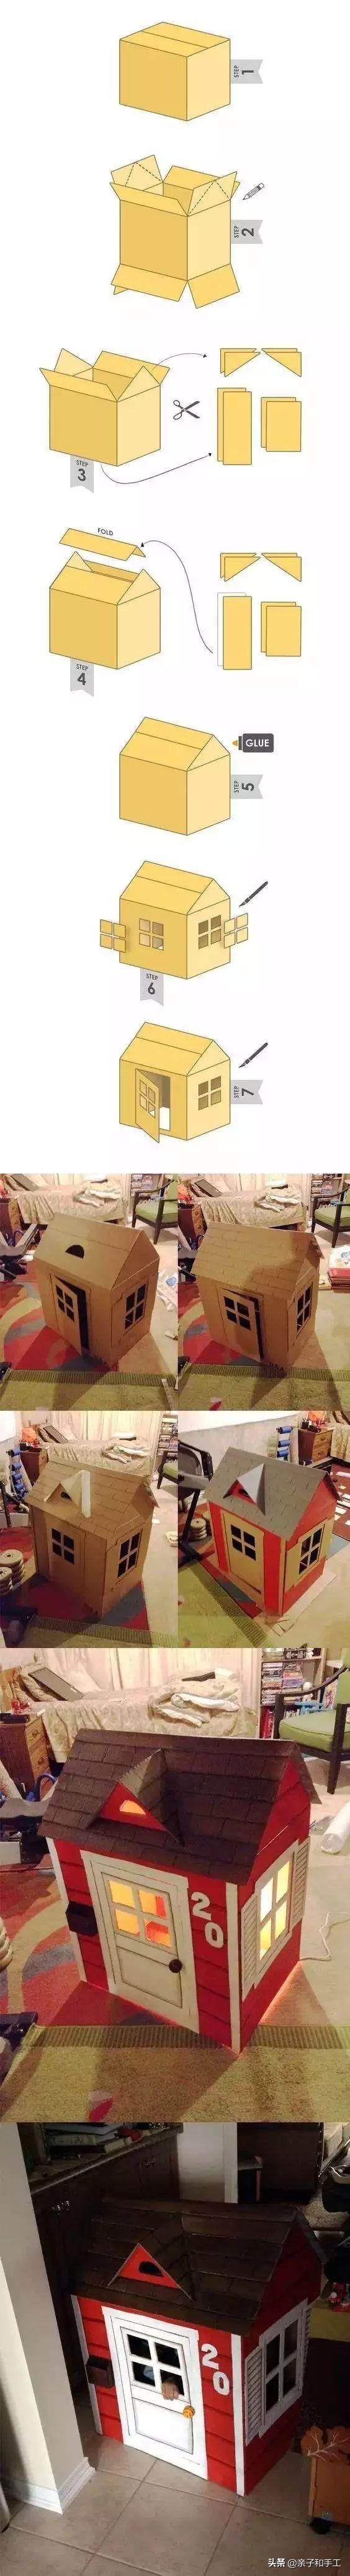 纸箱制作大全,脑洞太大了